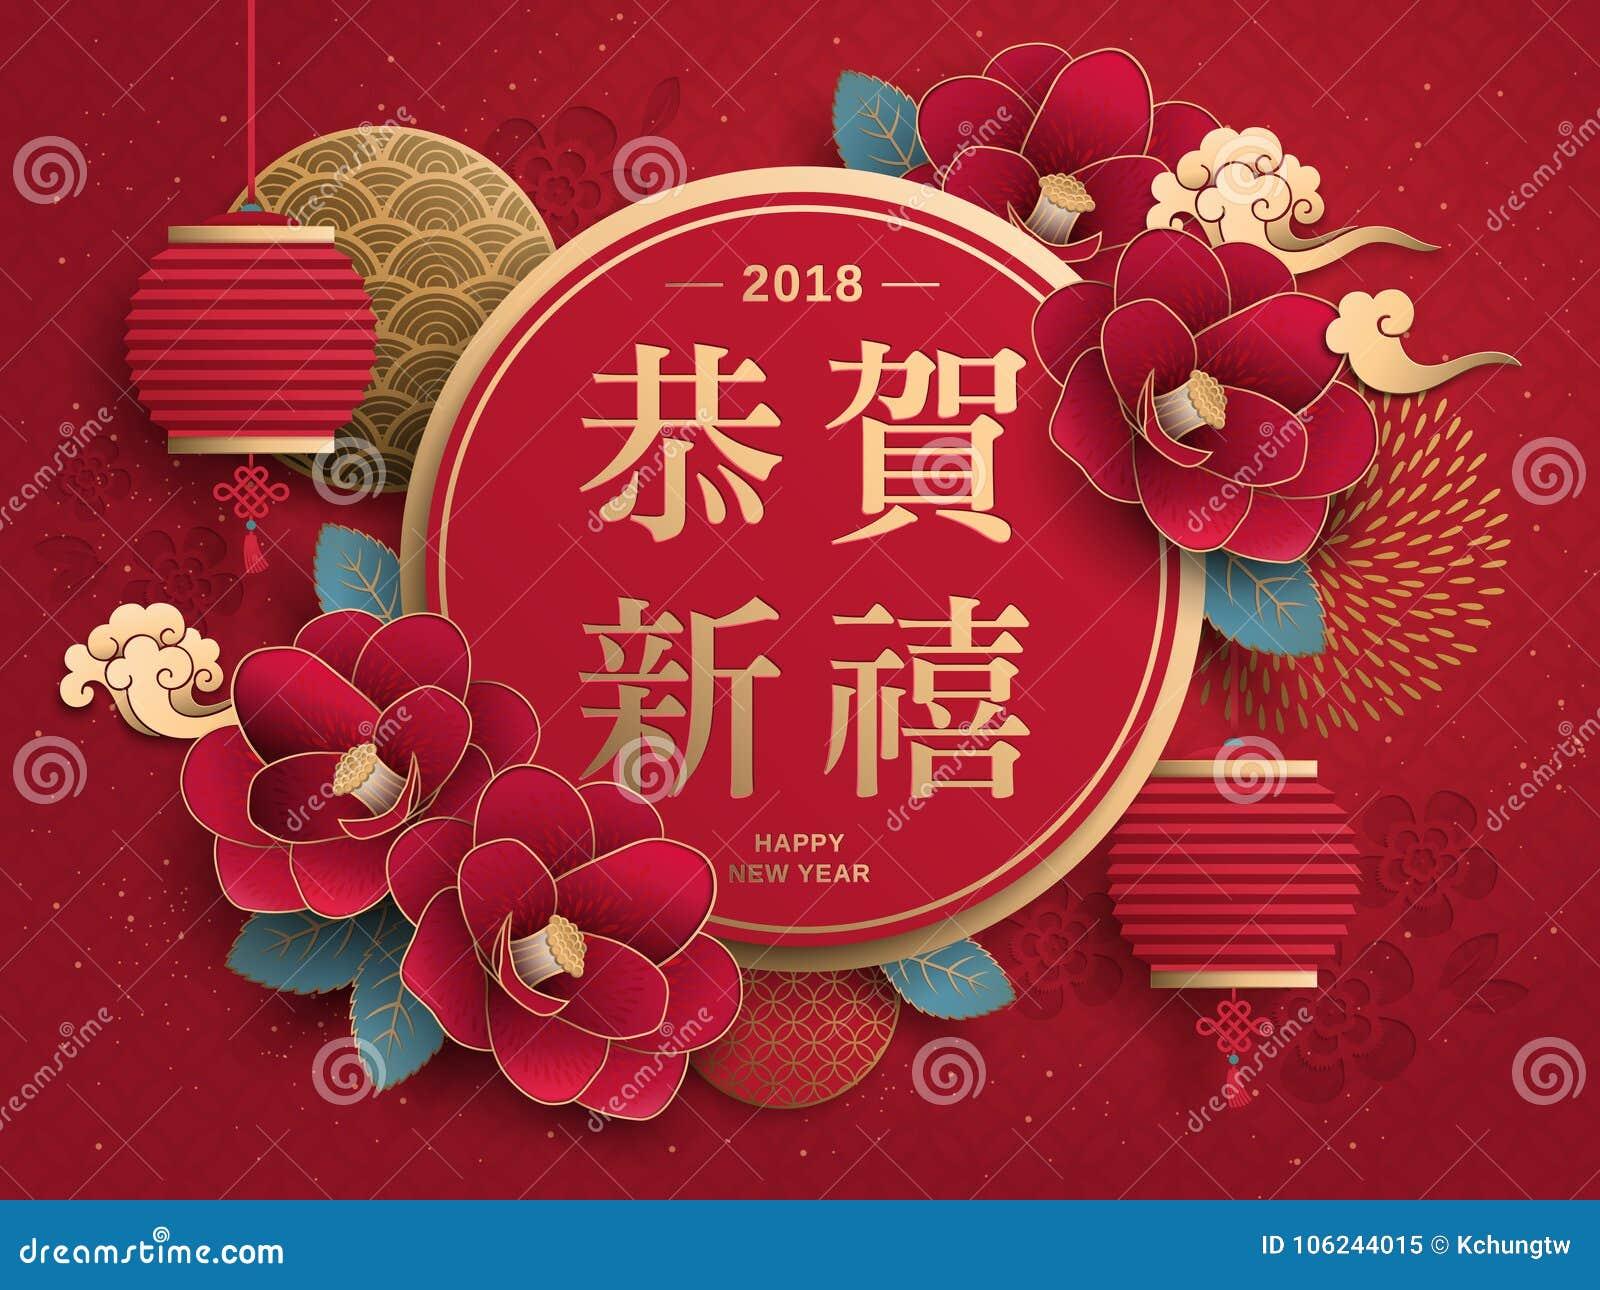 Chiński nowy rok projektu